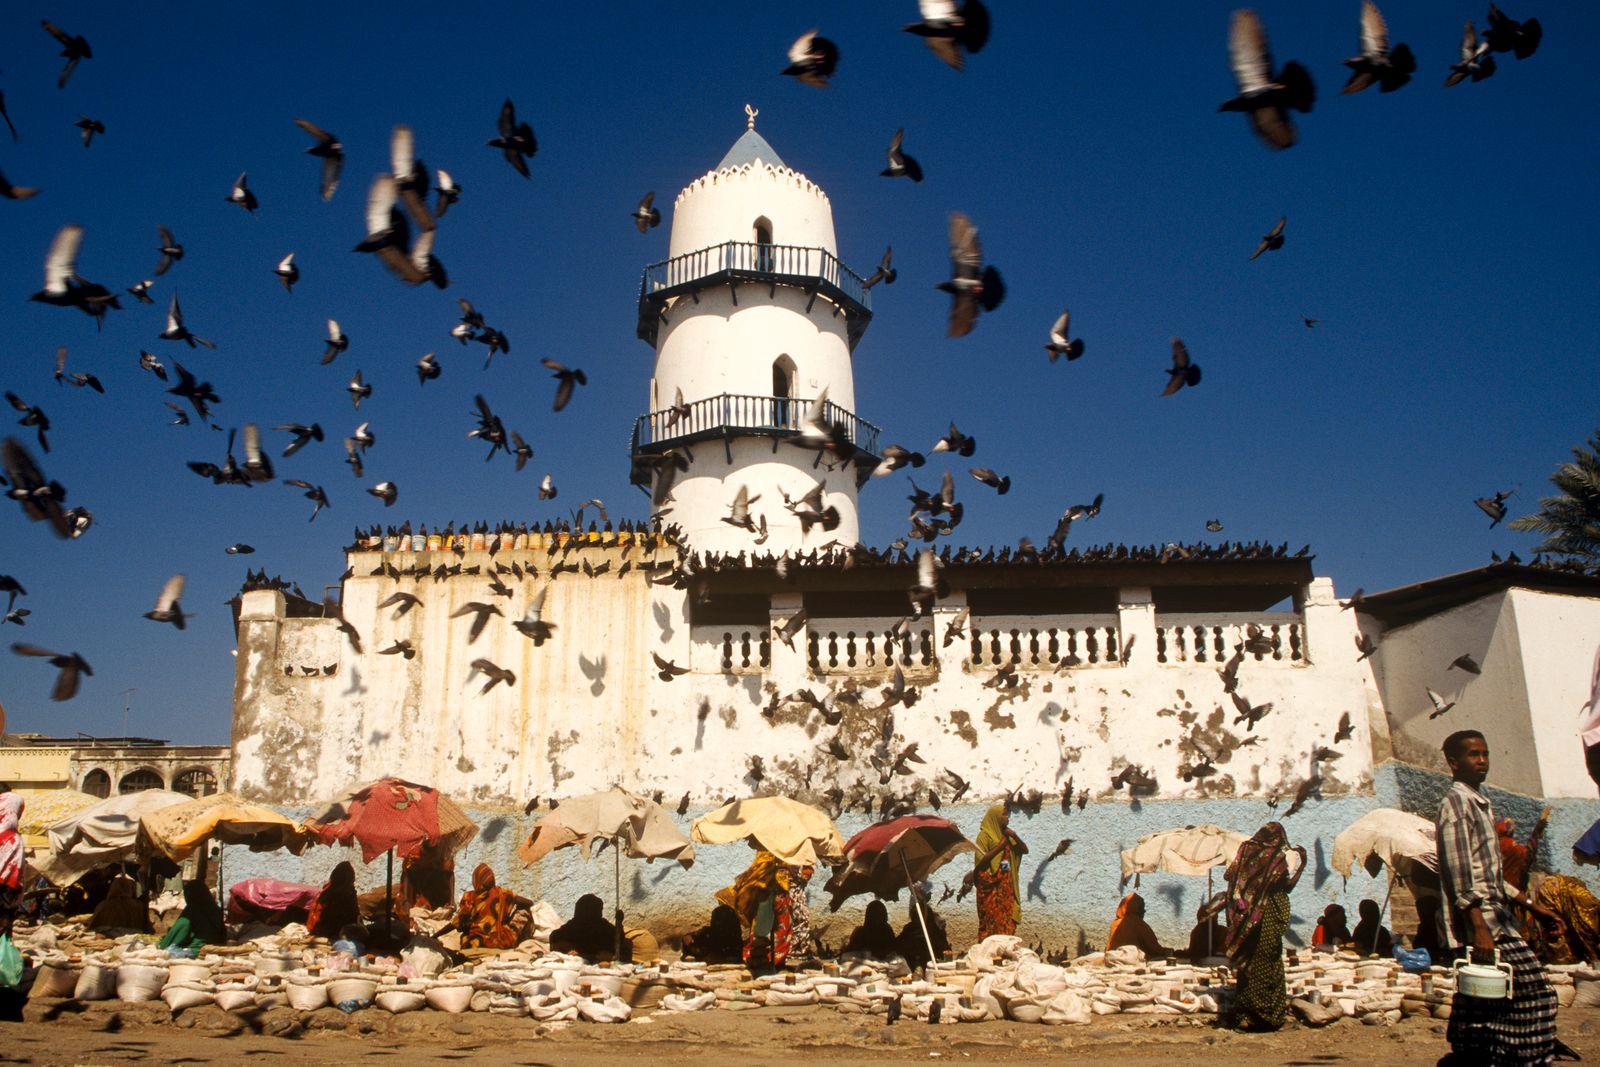 Djibouti - The Hamoudi Mosque